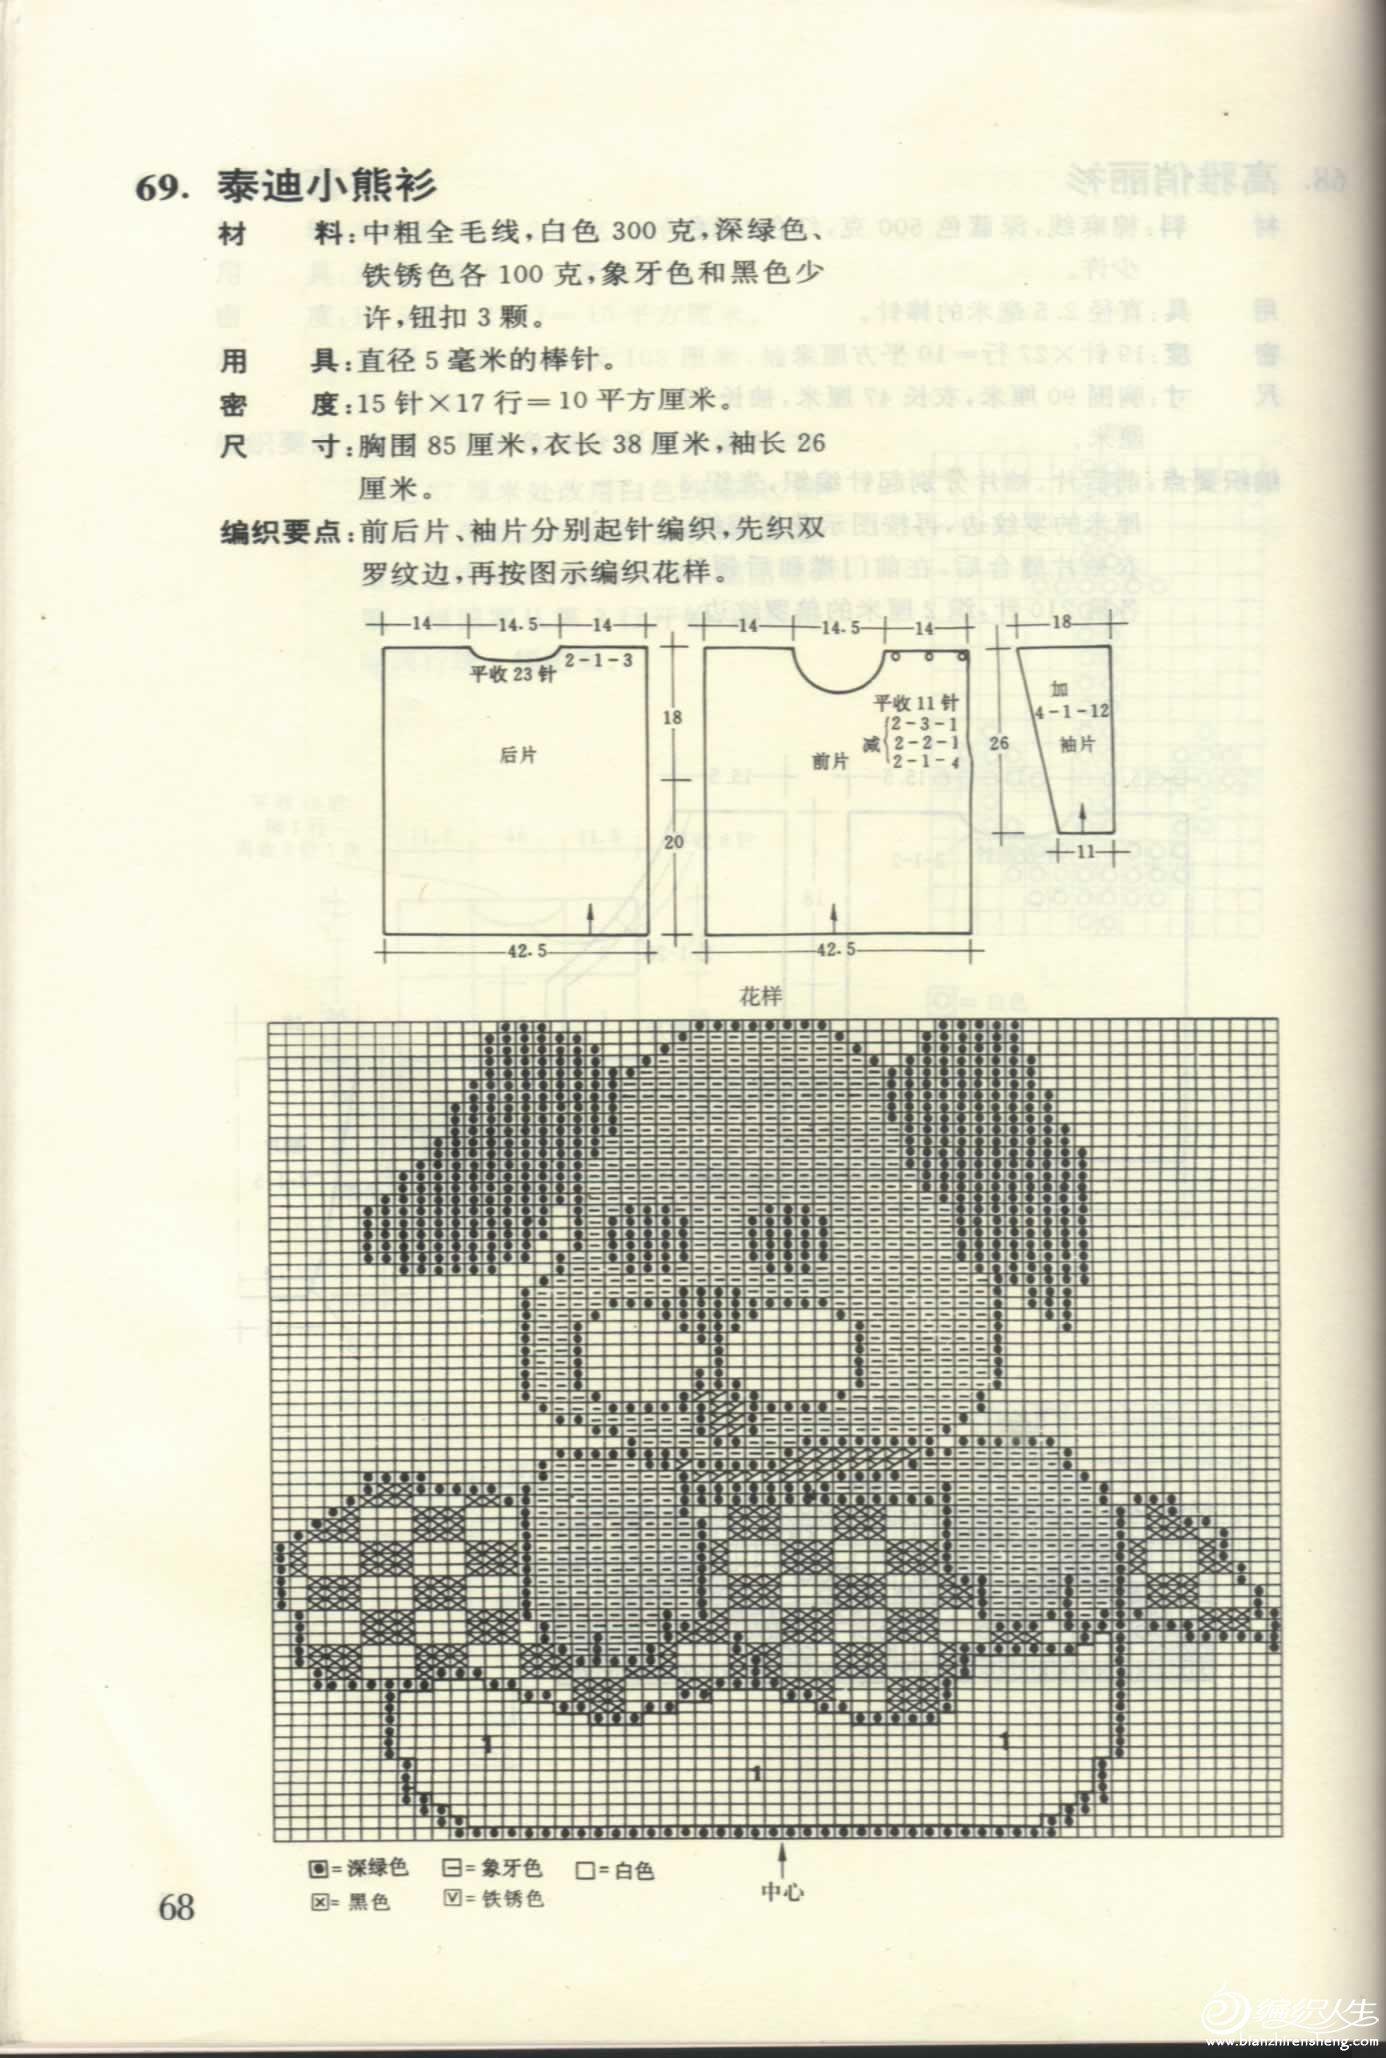 33_25673.jpg